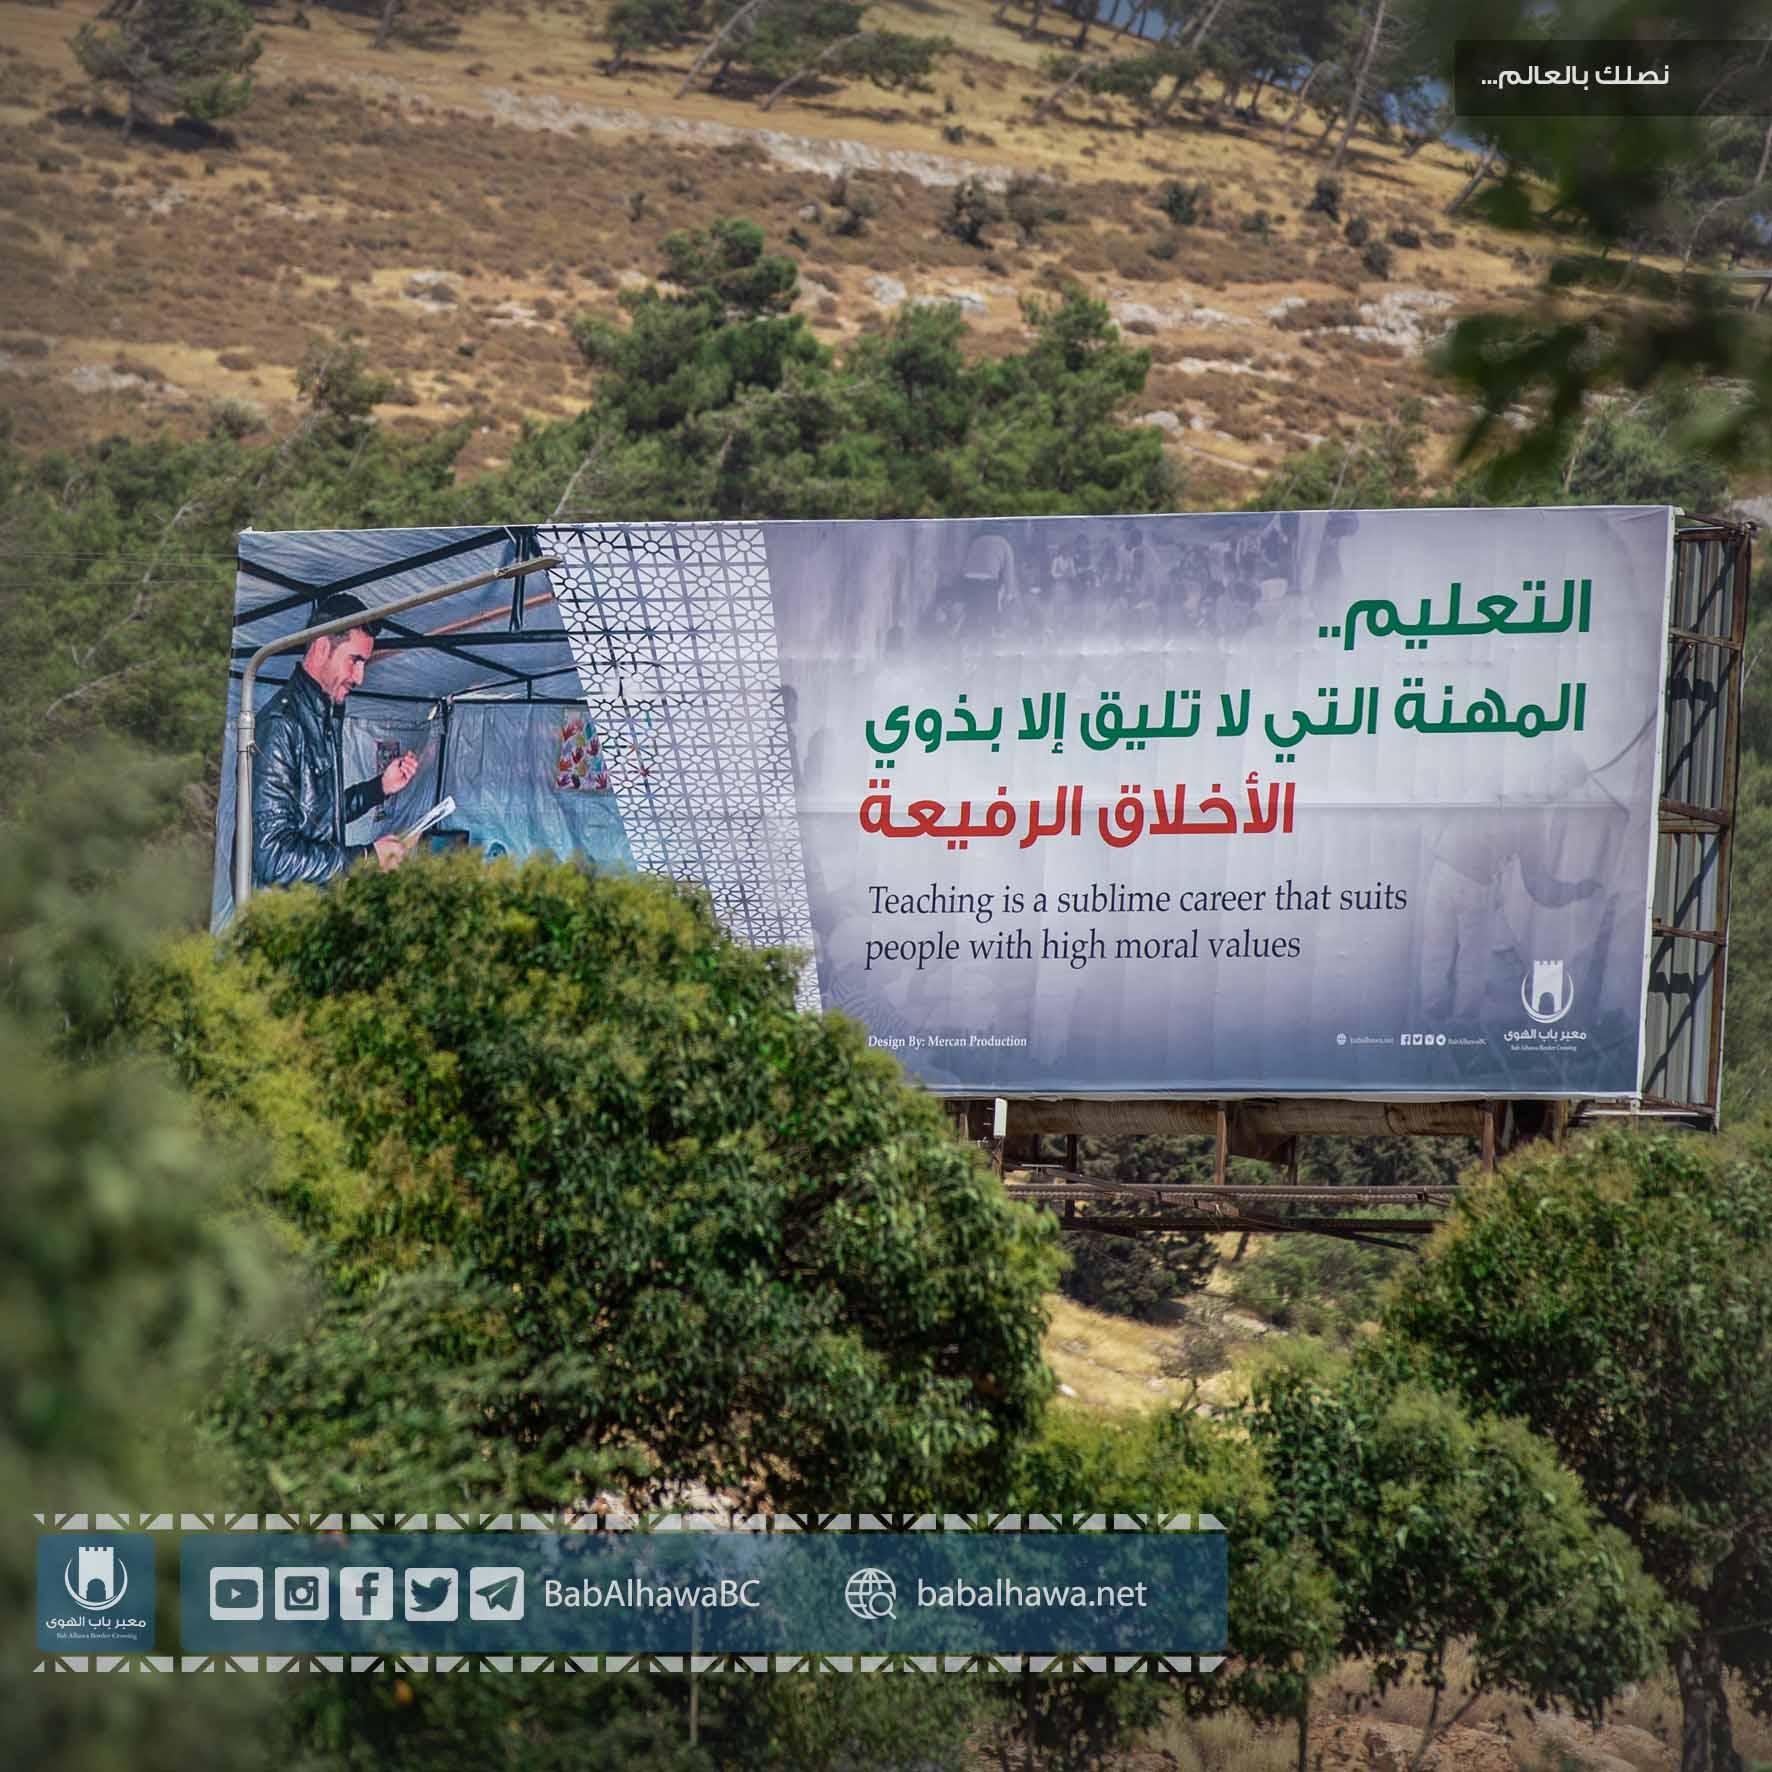 التعليم - معبر باب الهوى سوريا